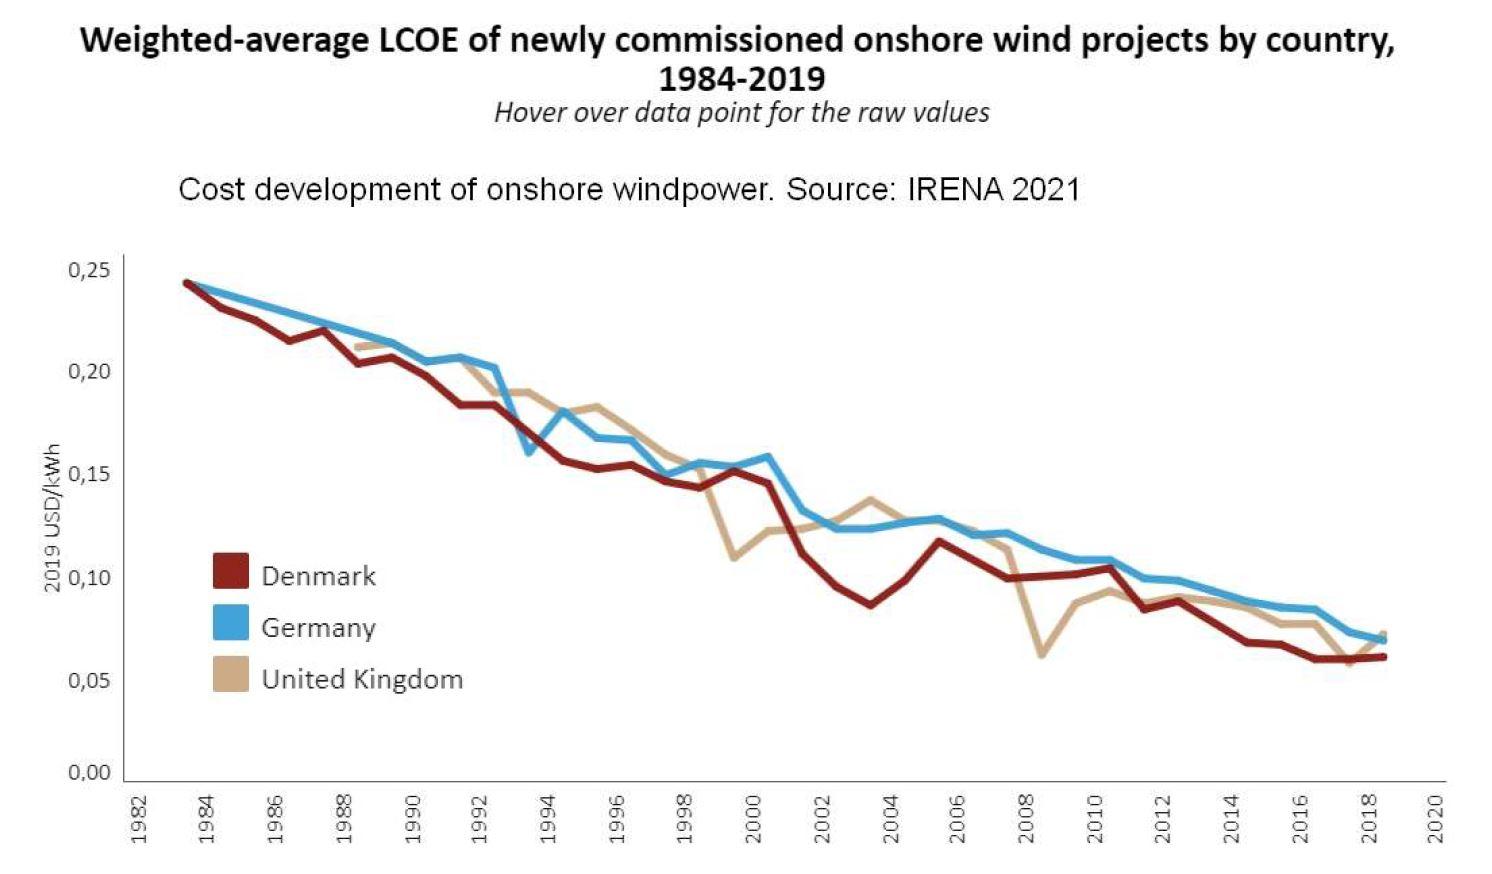 Preisentwicklung der Kosten für Windstrom in Deutschland, UK, Dänemark 1982-2020.